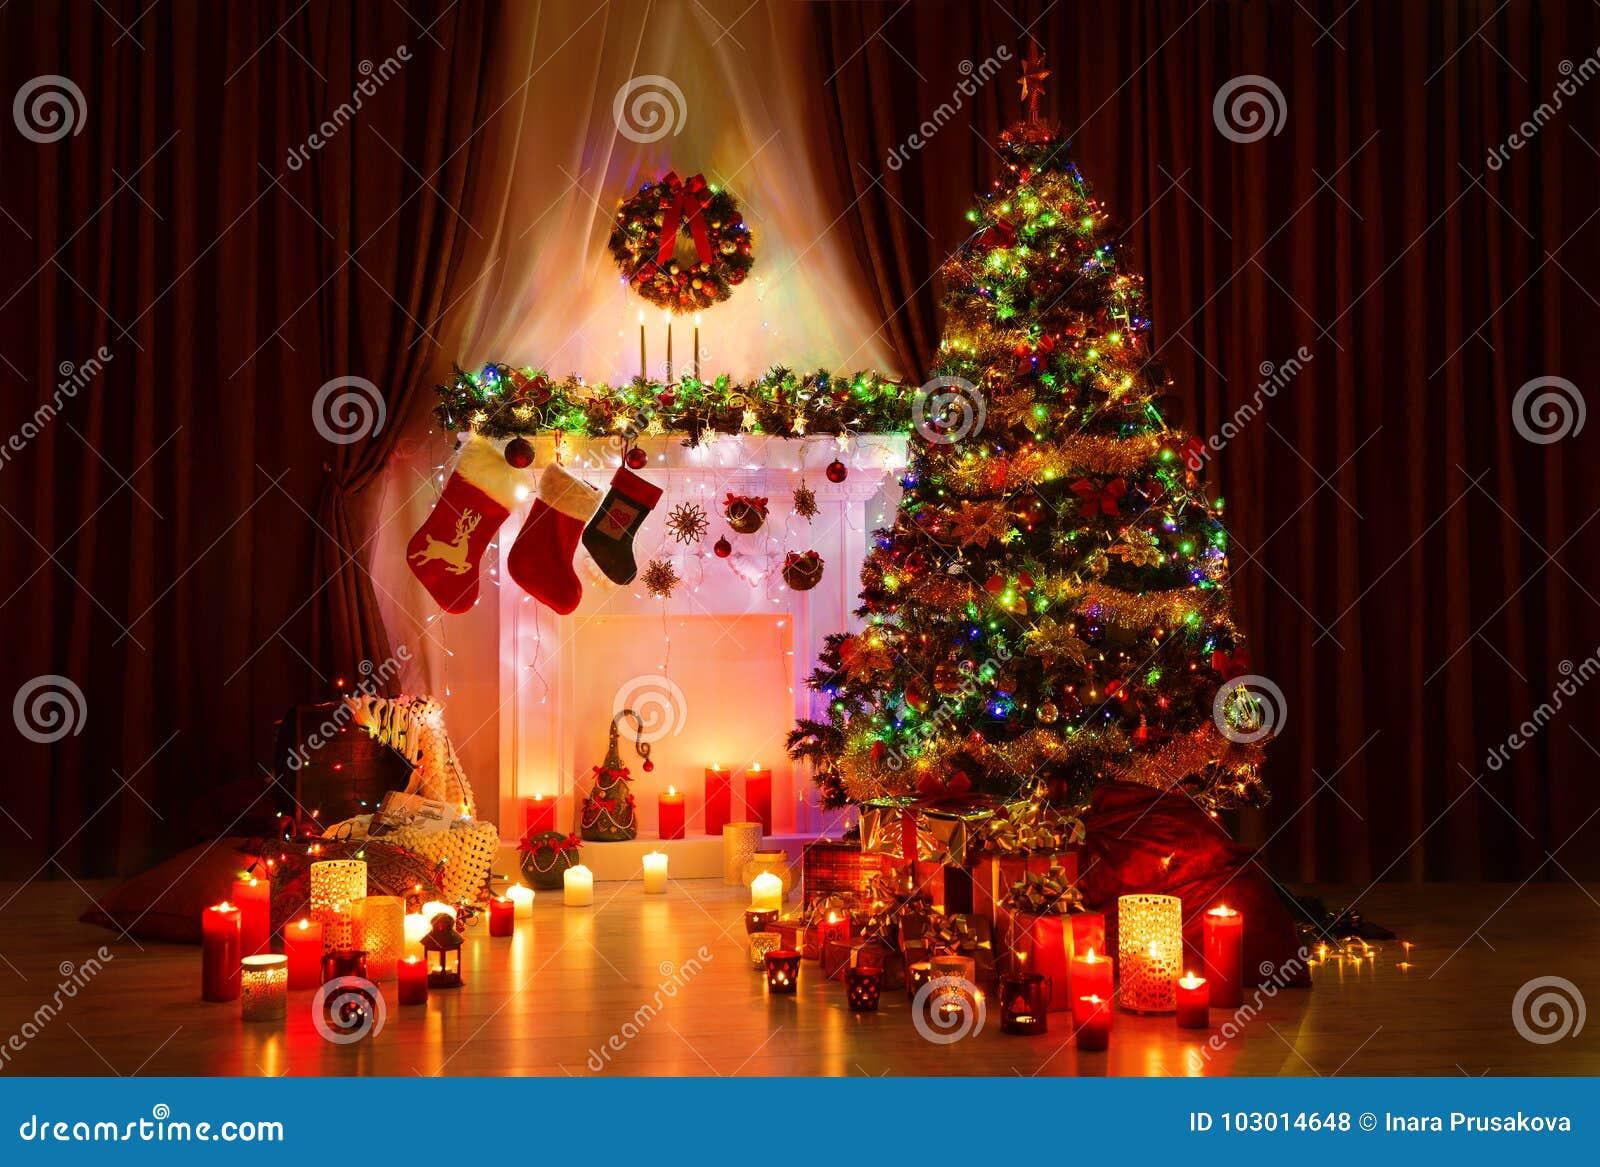 Beleuchtungs-Weihnachtsbaum, Weihnachtskamin und Strümpfe, neues Jahr